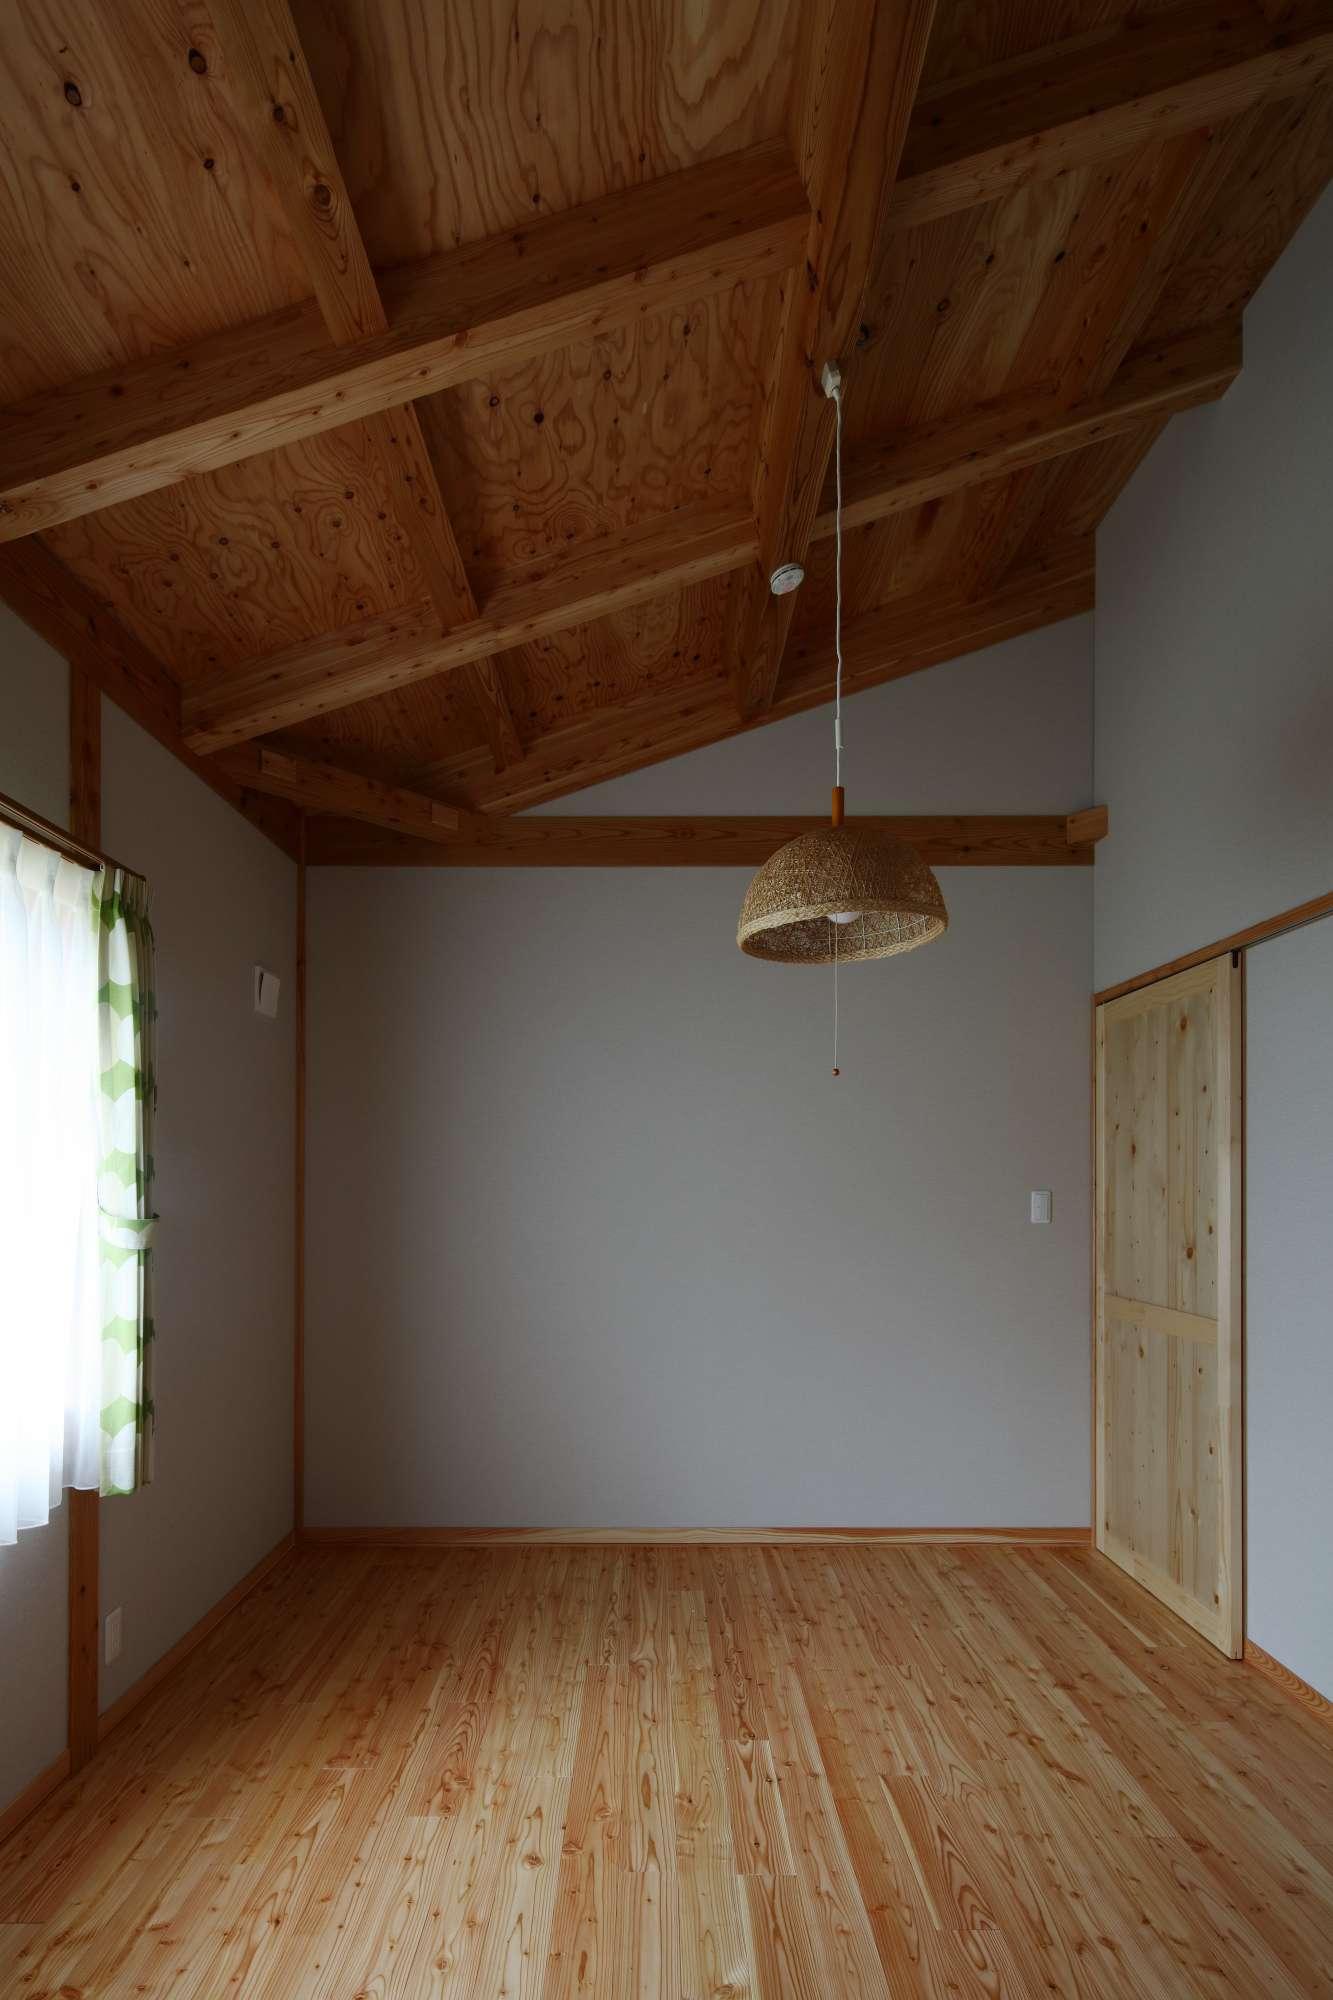 個室も天井は表し仕上。壁は真壁。 -  -  -